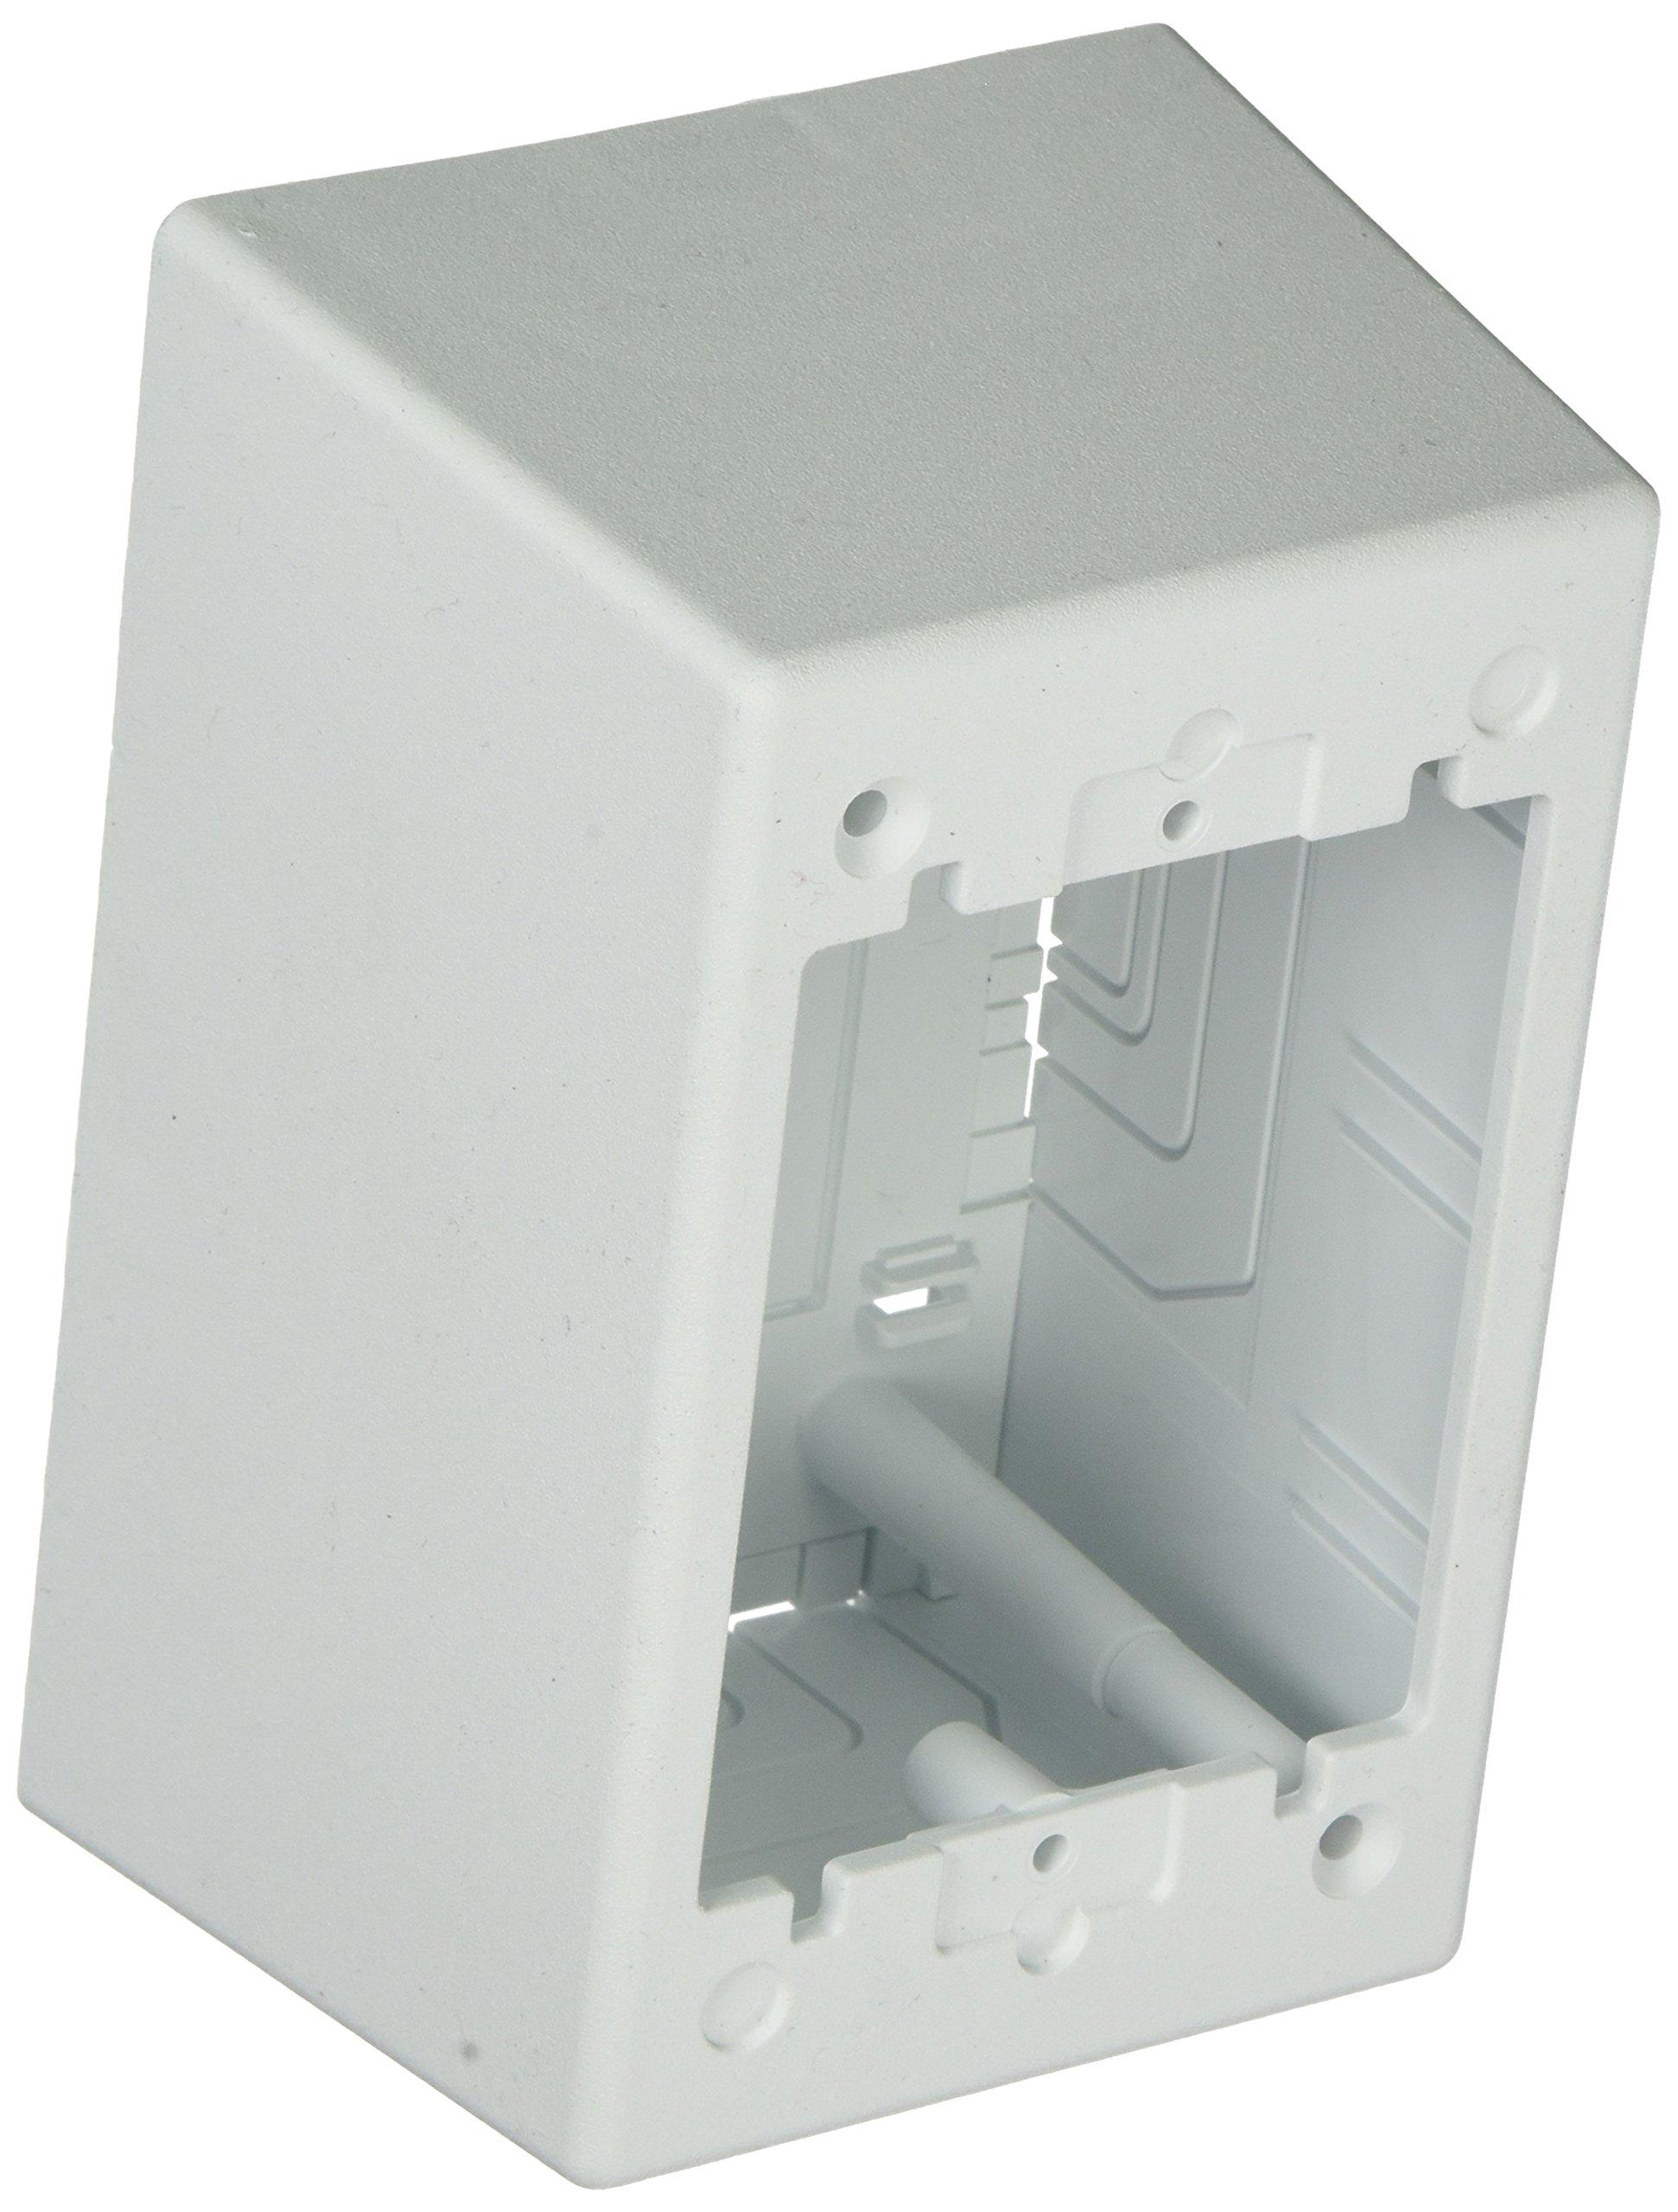 Panduit JBP1DWH 1-Gang Deep Outlet Box, White